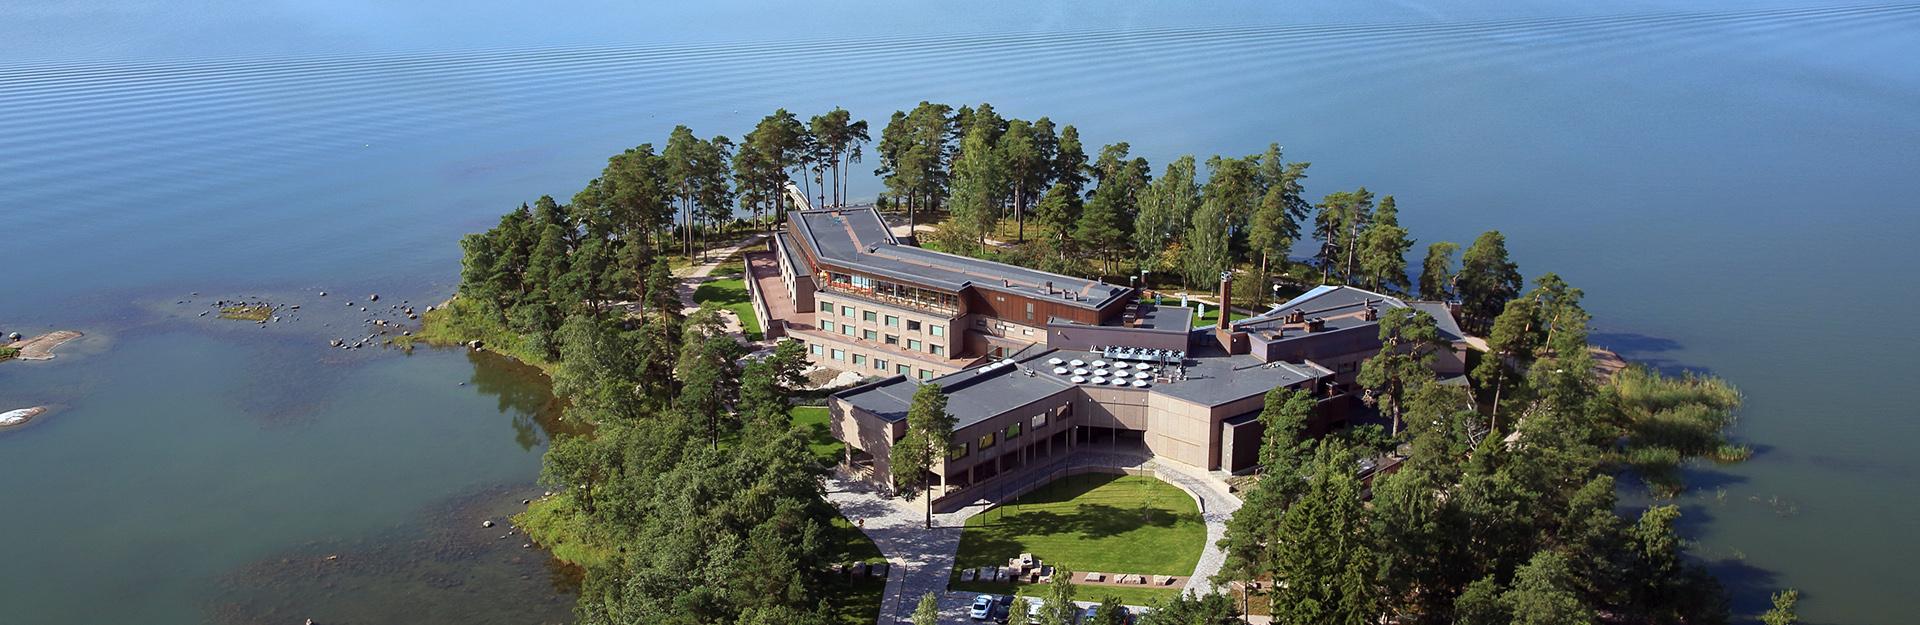 Hotelli rakennus ilmasta käsin kuvattuna. Rakennusta ympäröi puut ja meri.